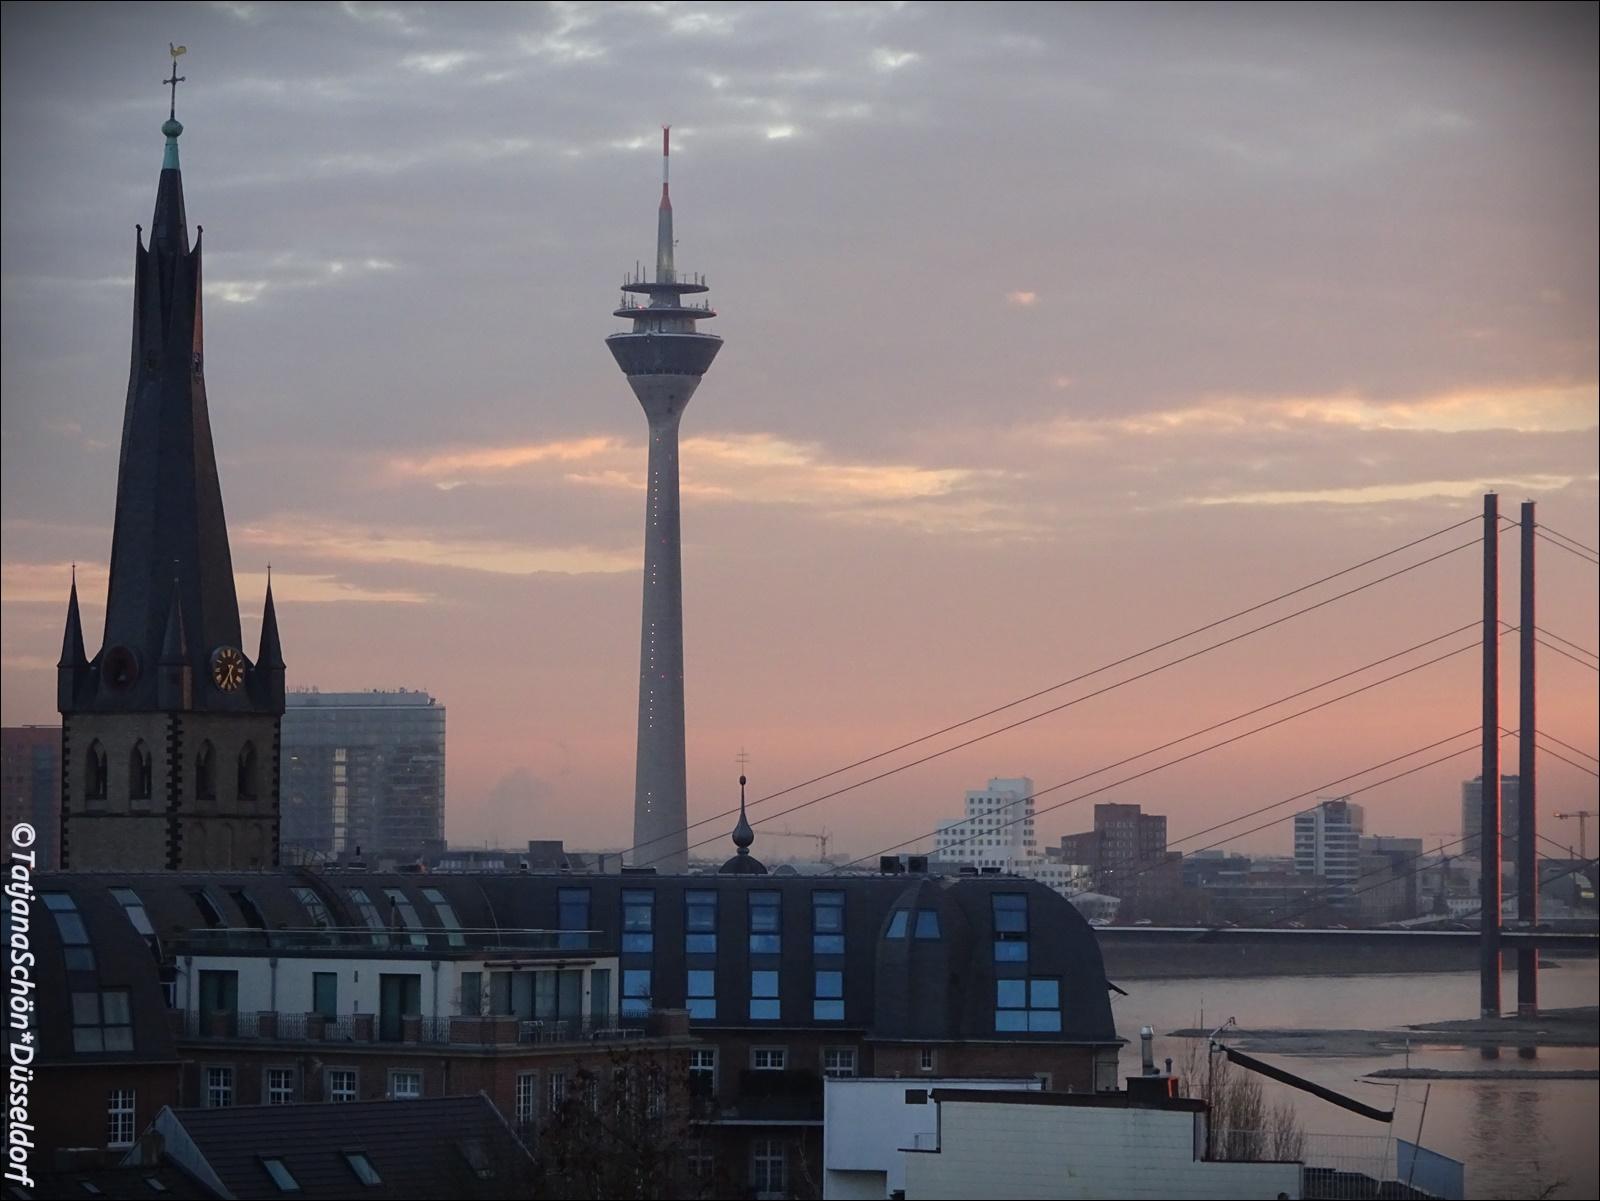 Вид на дюссельдорфскую телебашню из окна художественной академии